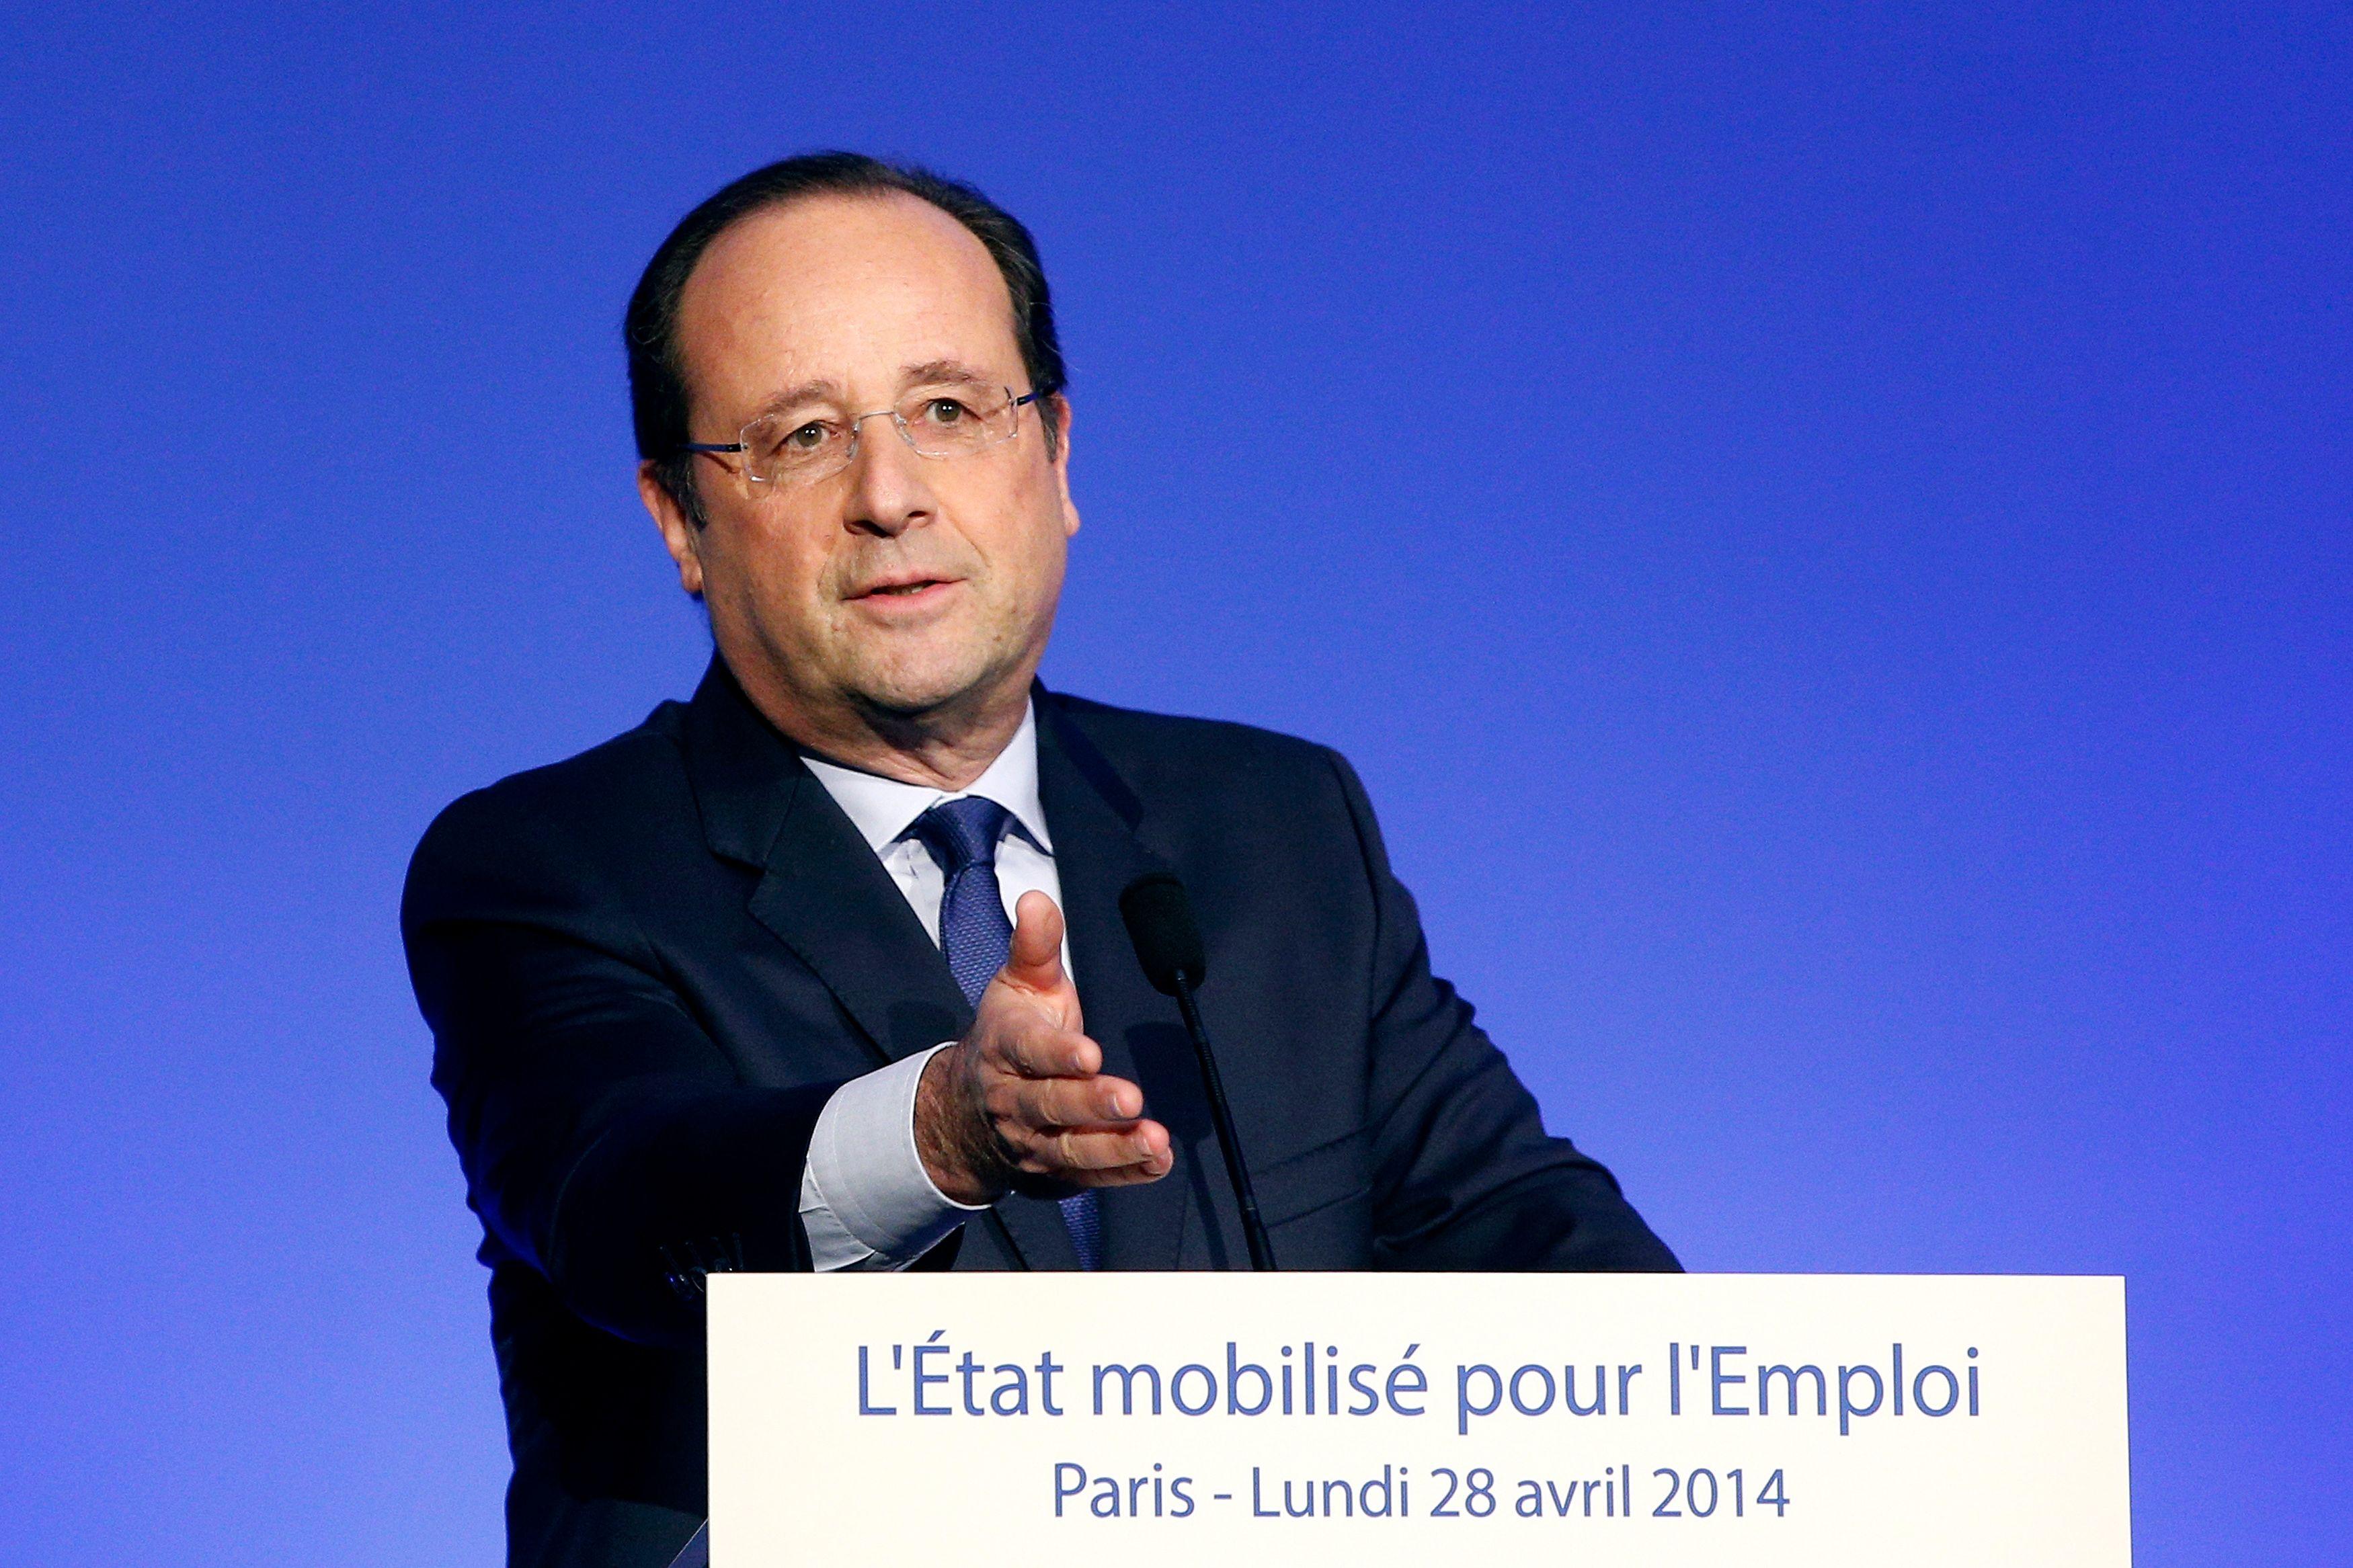 La gauche survivra-t-elle à Hollande ?